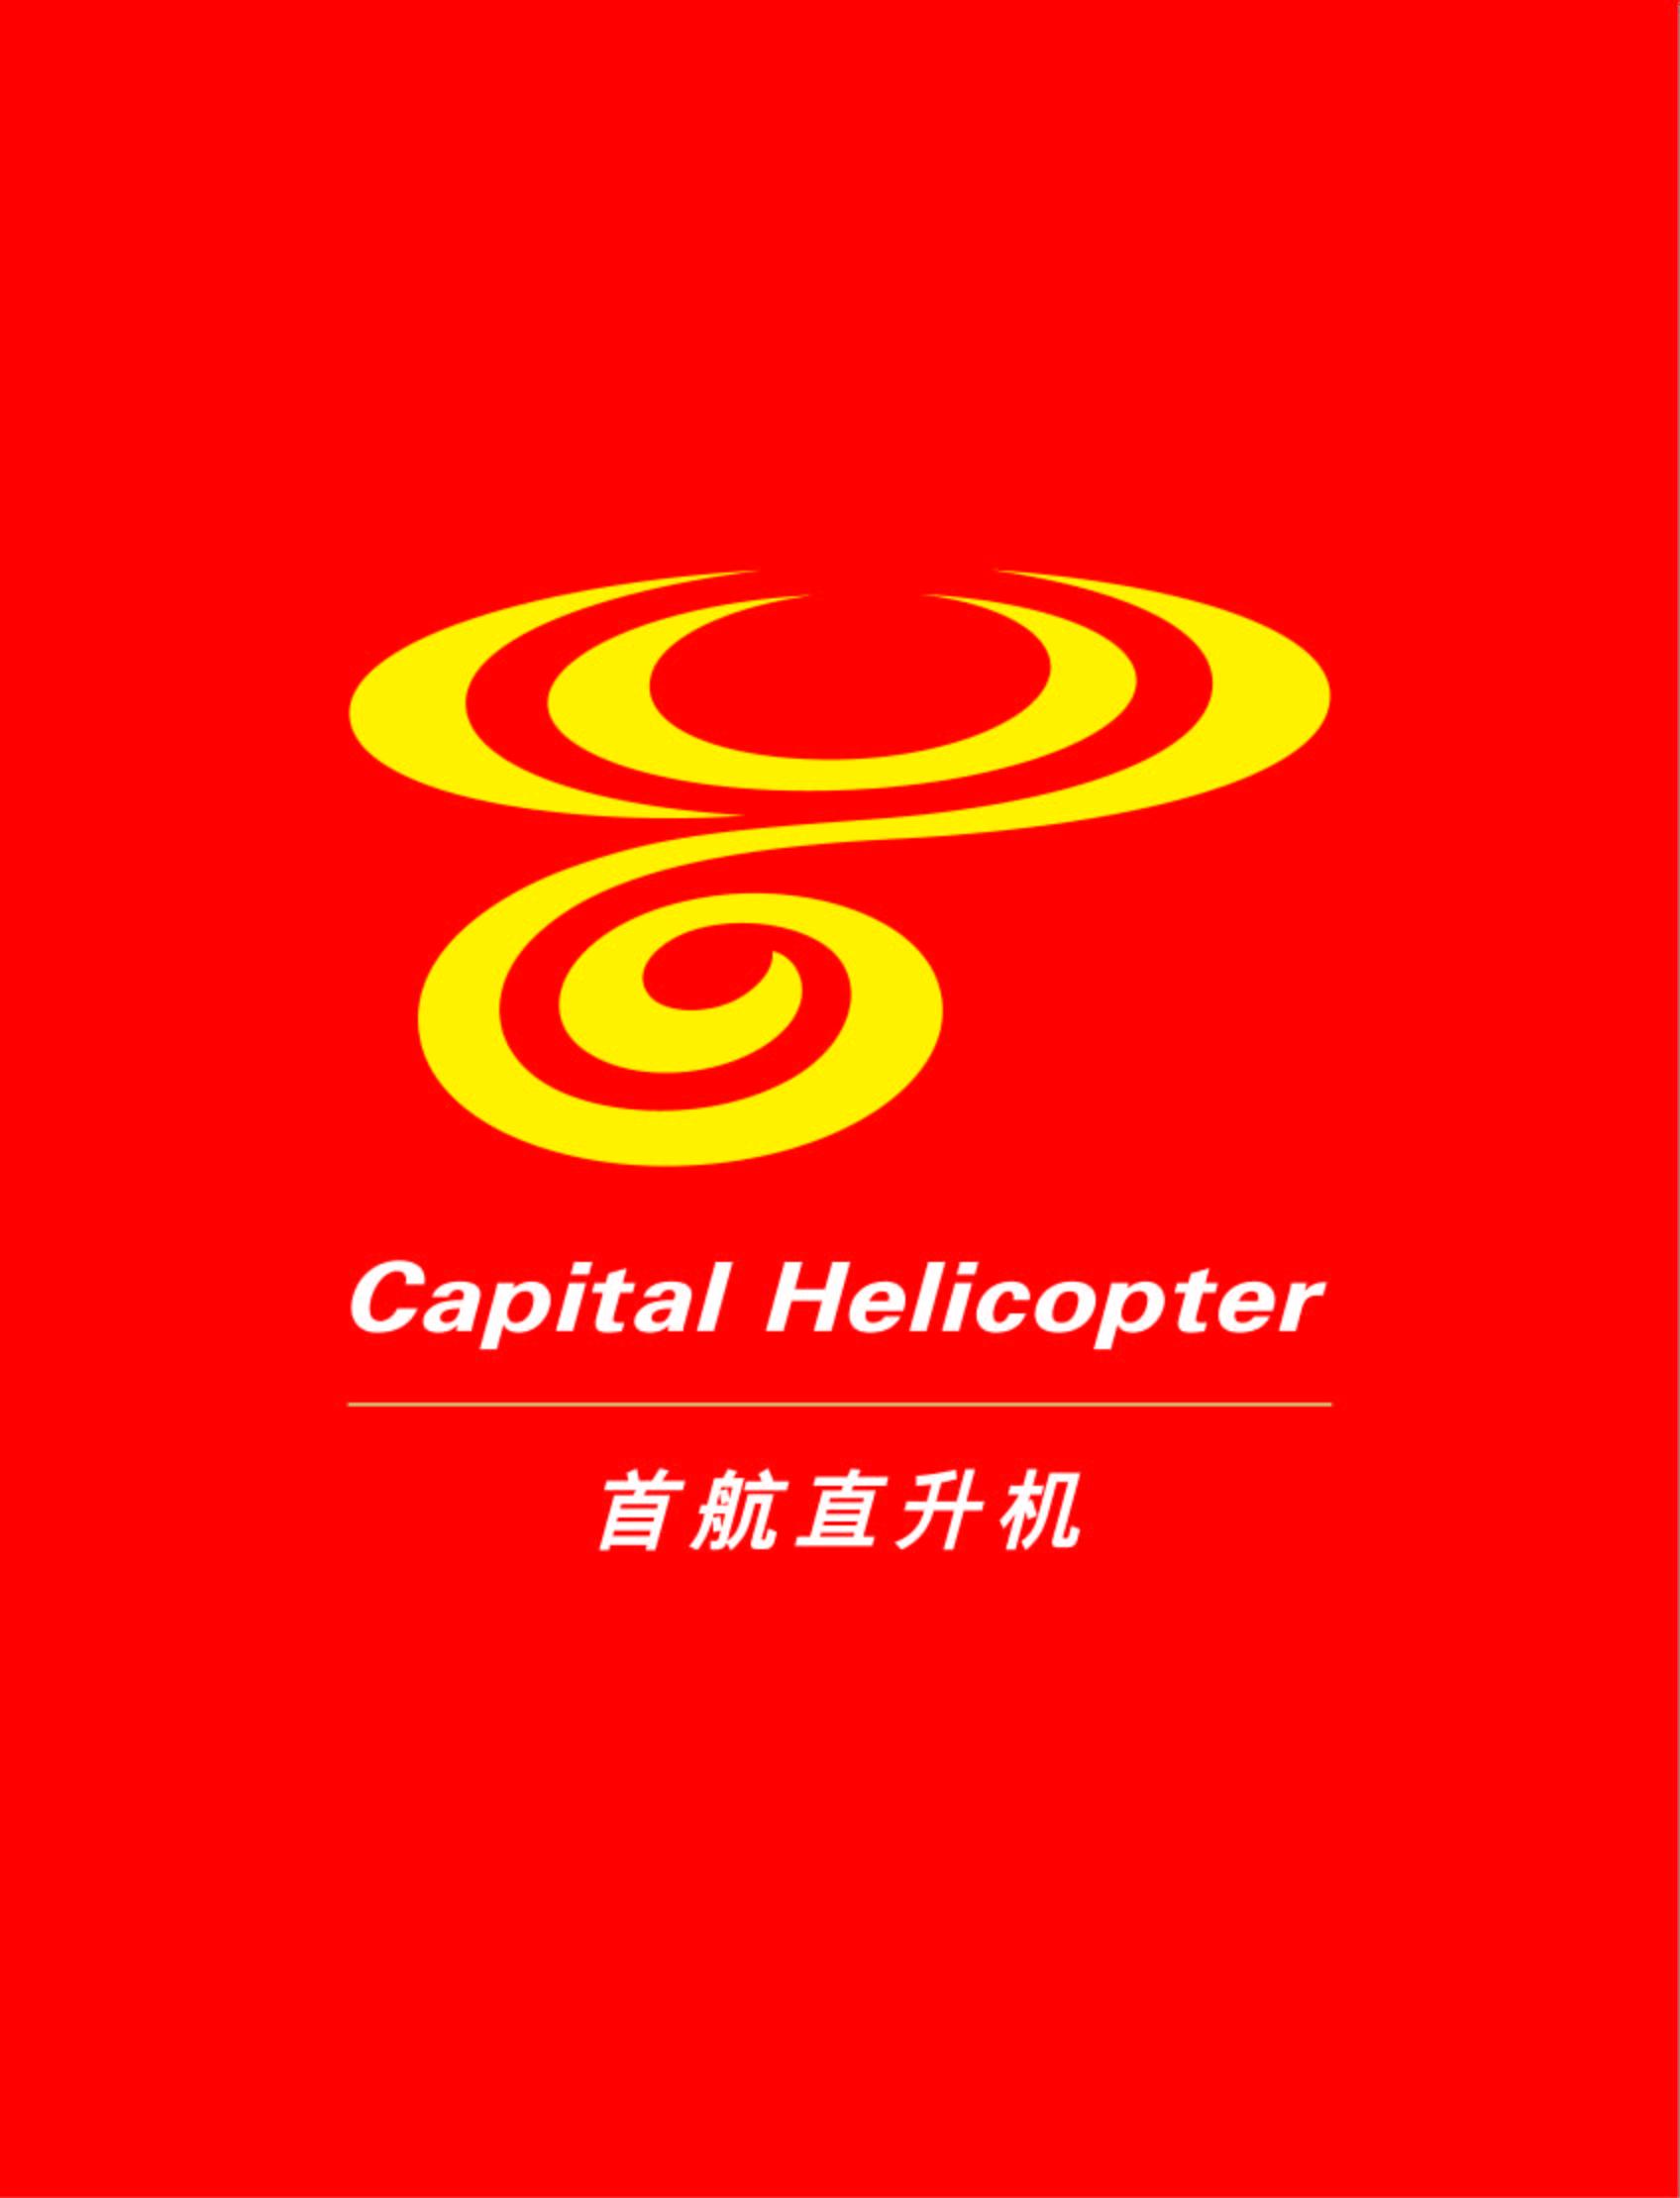 北京首航直升机通用航空服务有限公司最新招聘信息